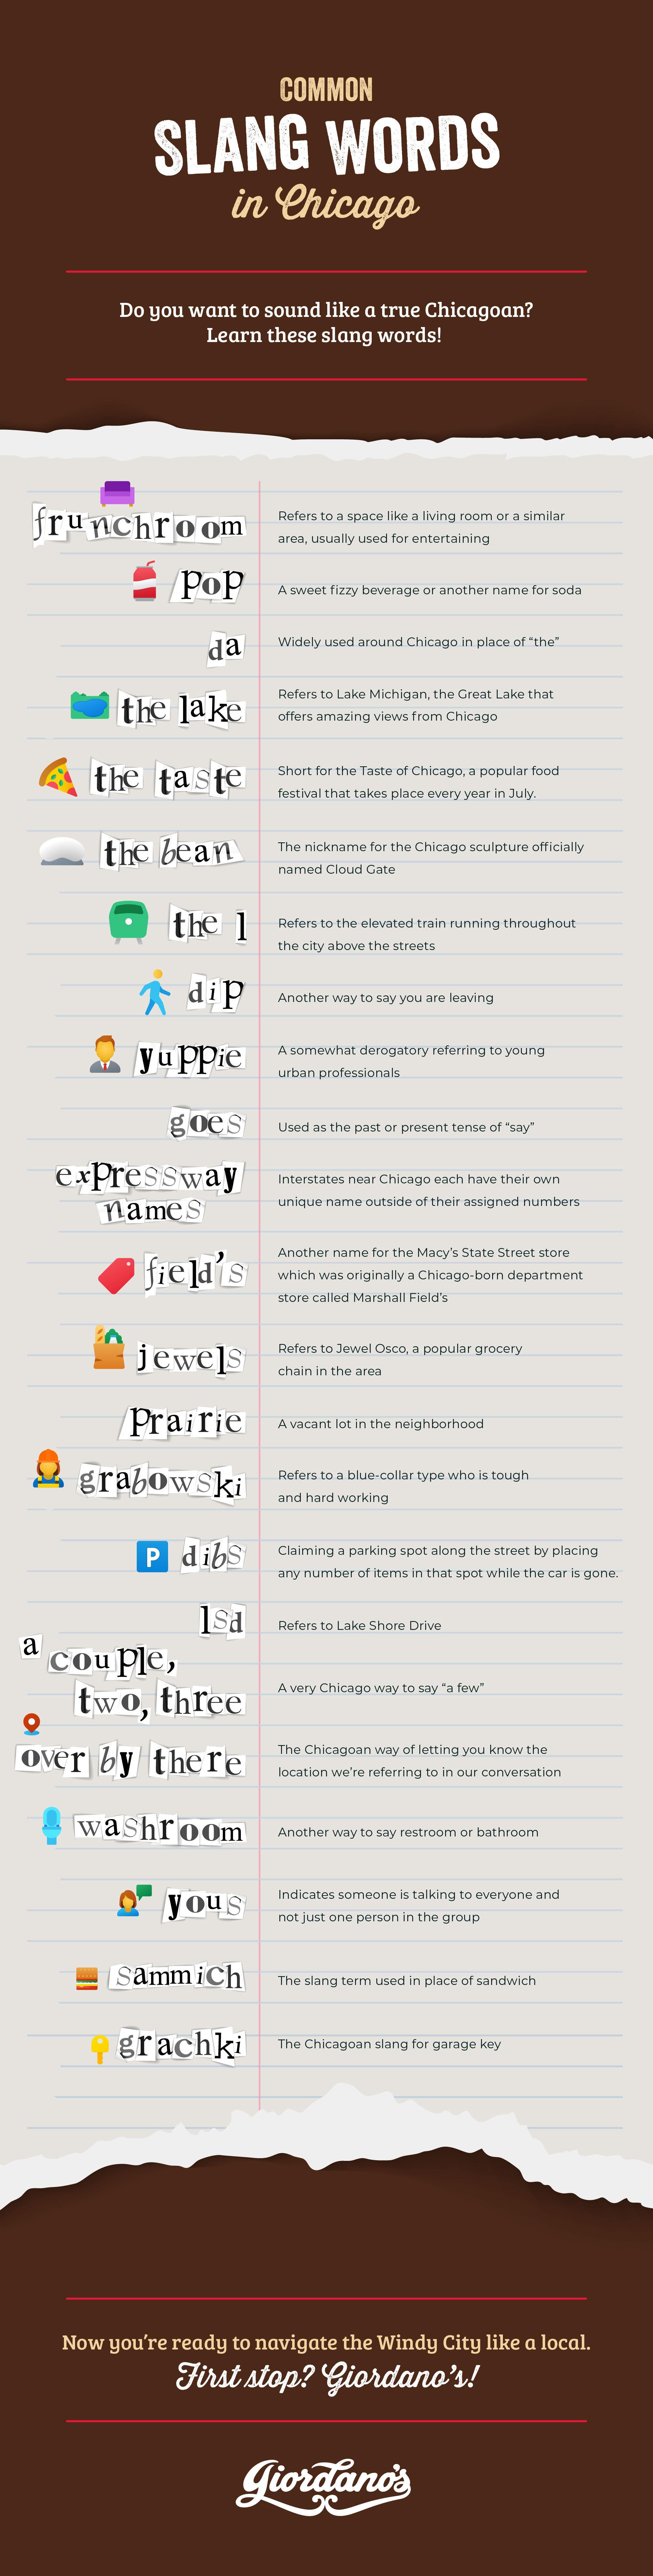 chicago slang words